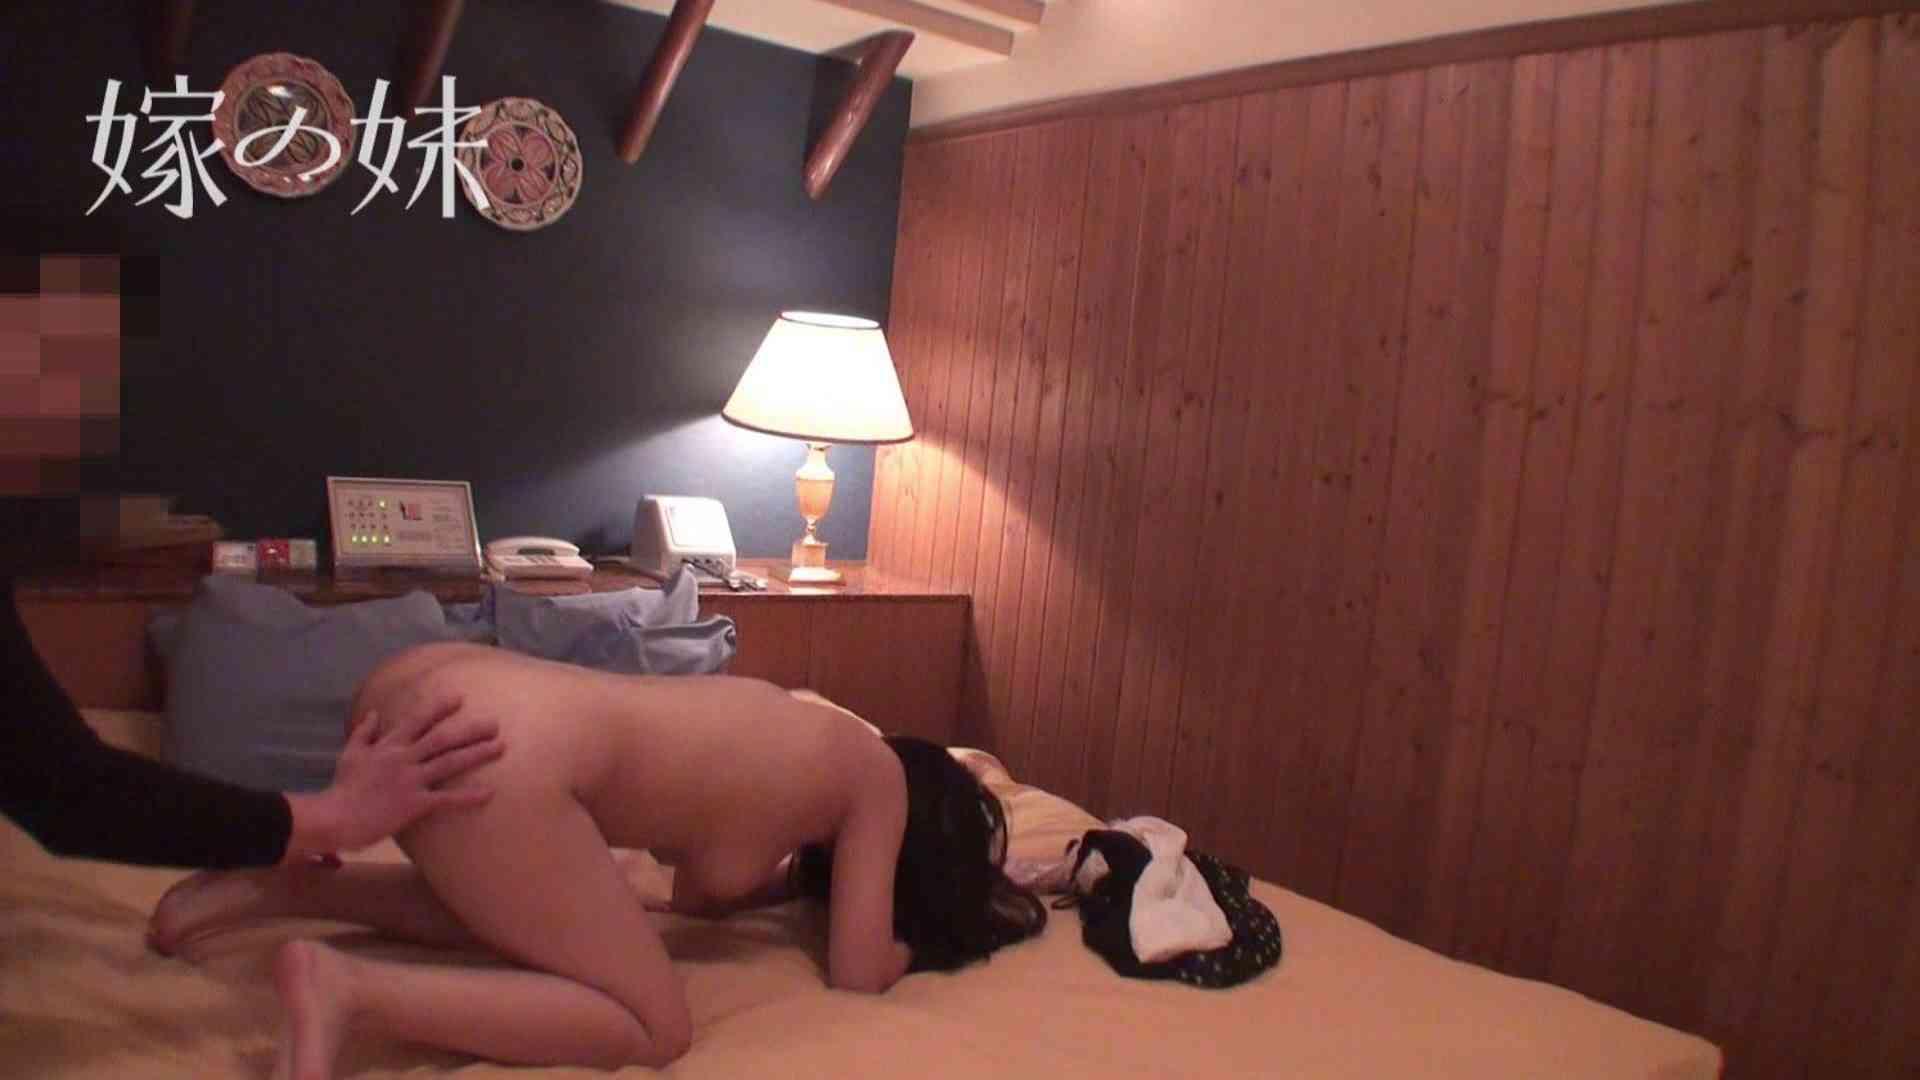 居候中の嫁の妹 vol.5 一般投稿   OLの裸事情  108枚 19